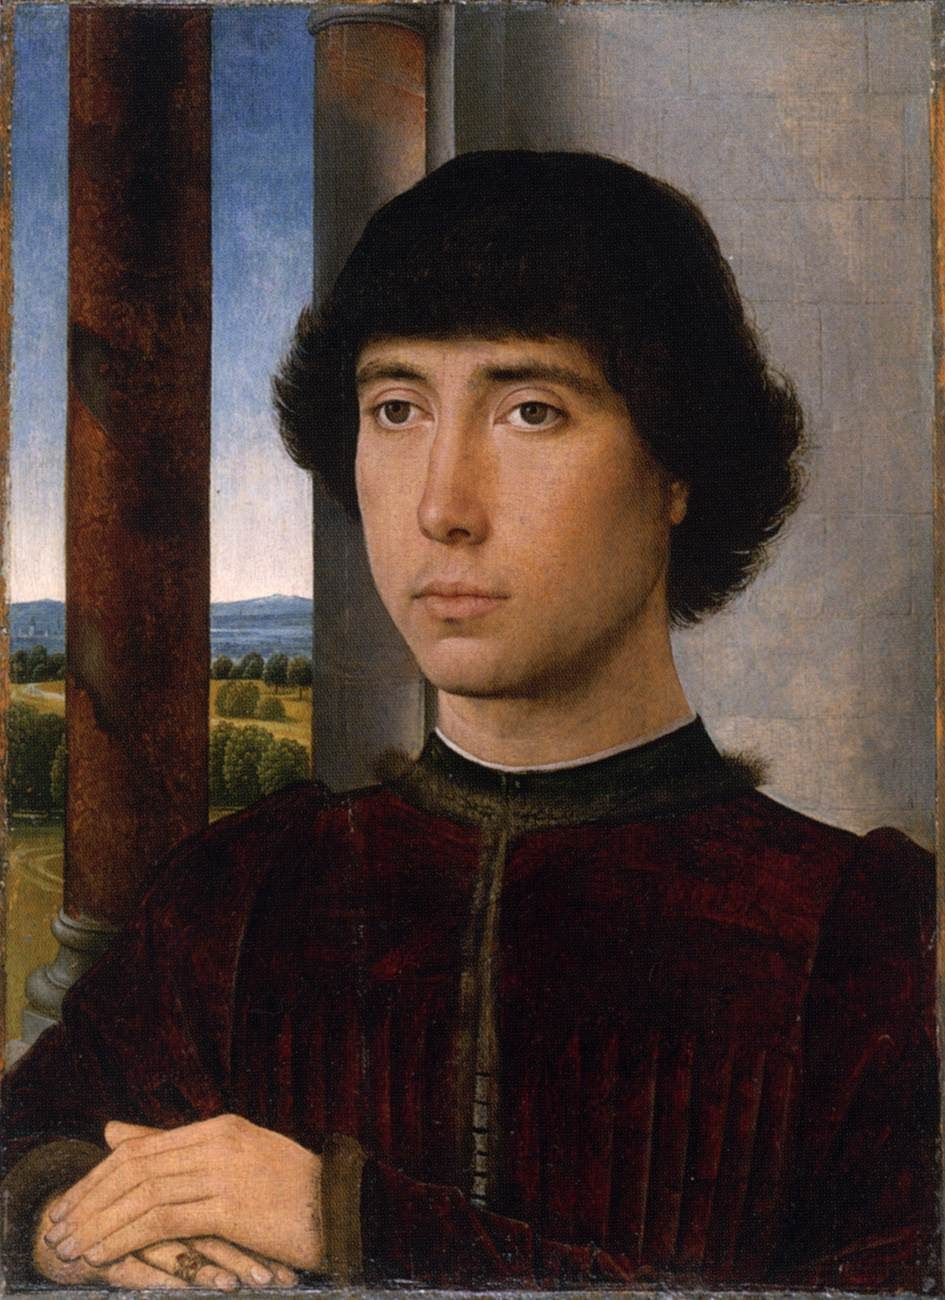 hans memling 1430 1494 portrait of a man 1400 s